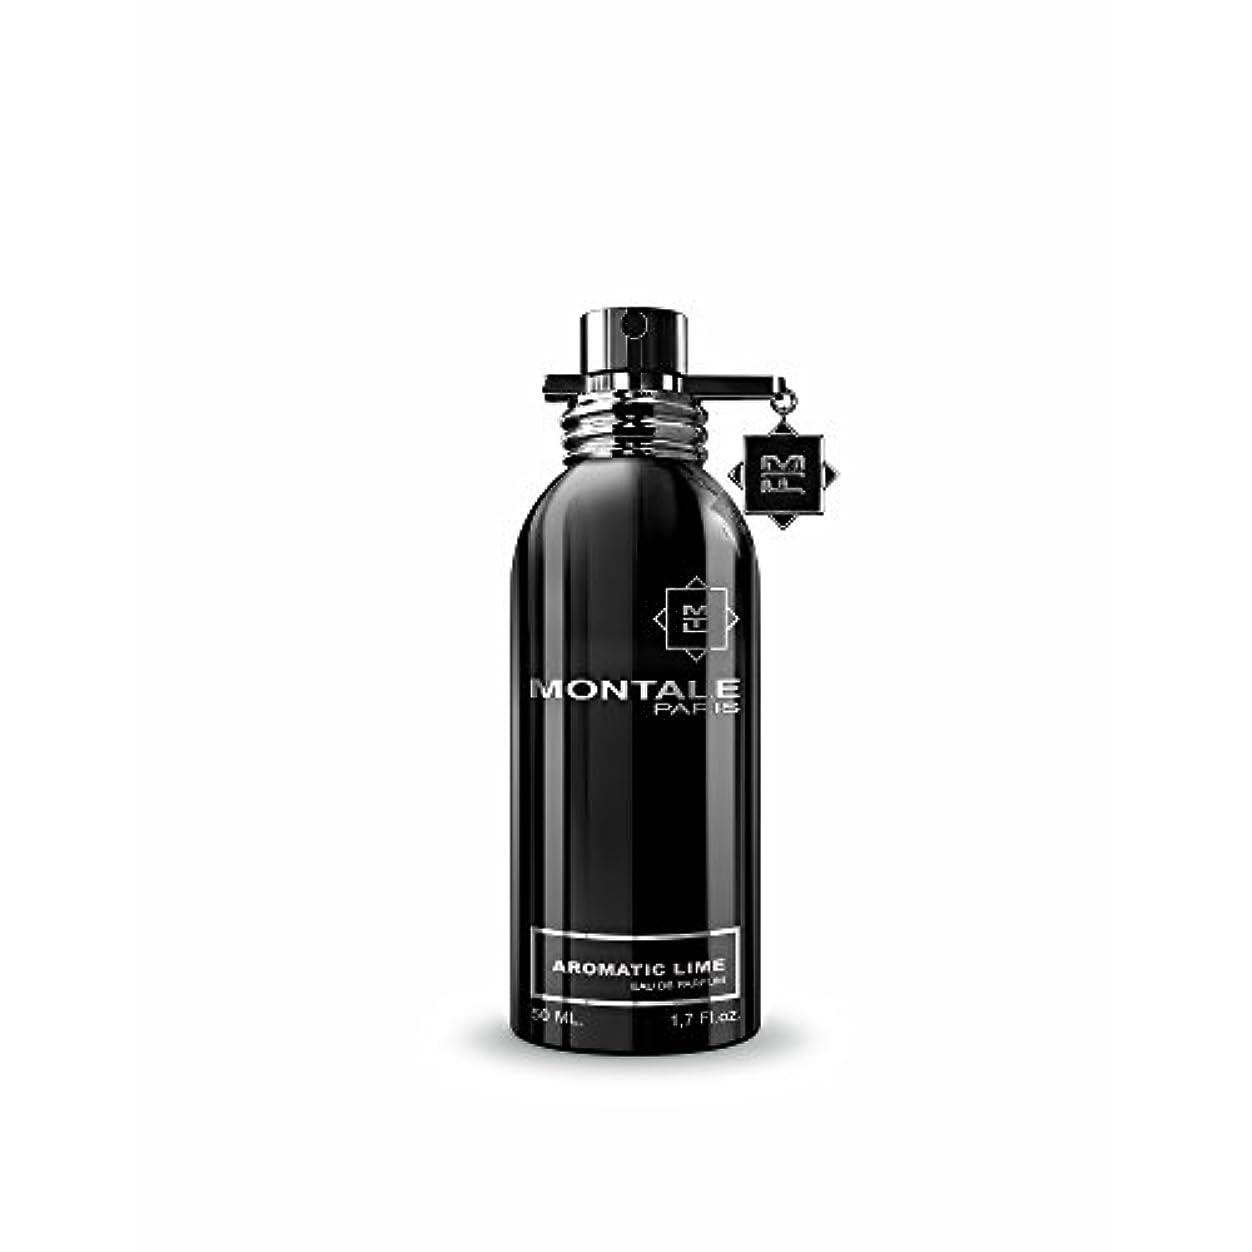 モンタル Aromatic Lime Eau De Parfum Spray 50ml/1.7oz並行輸入品